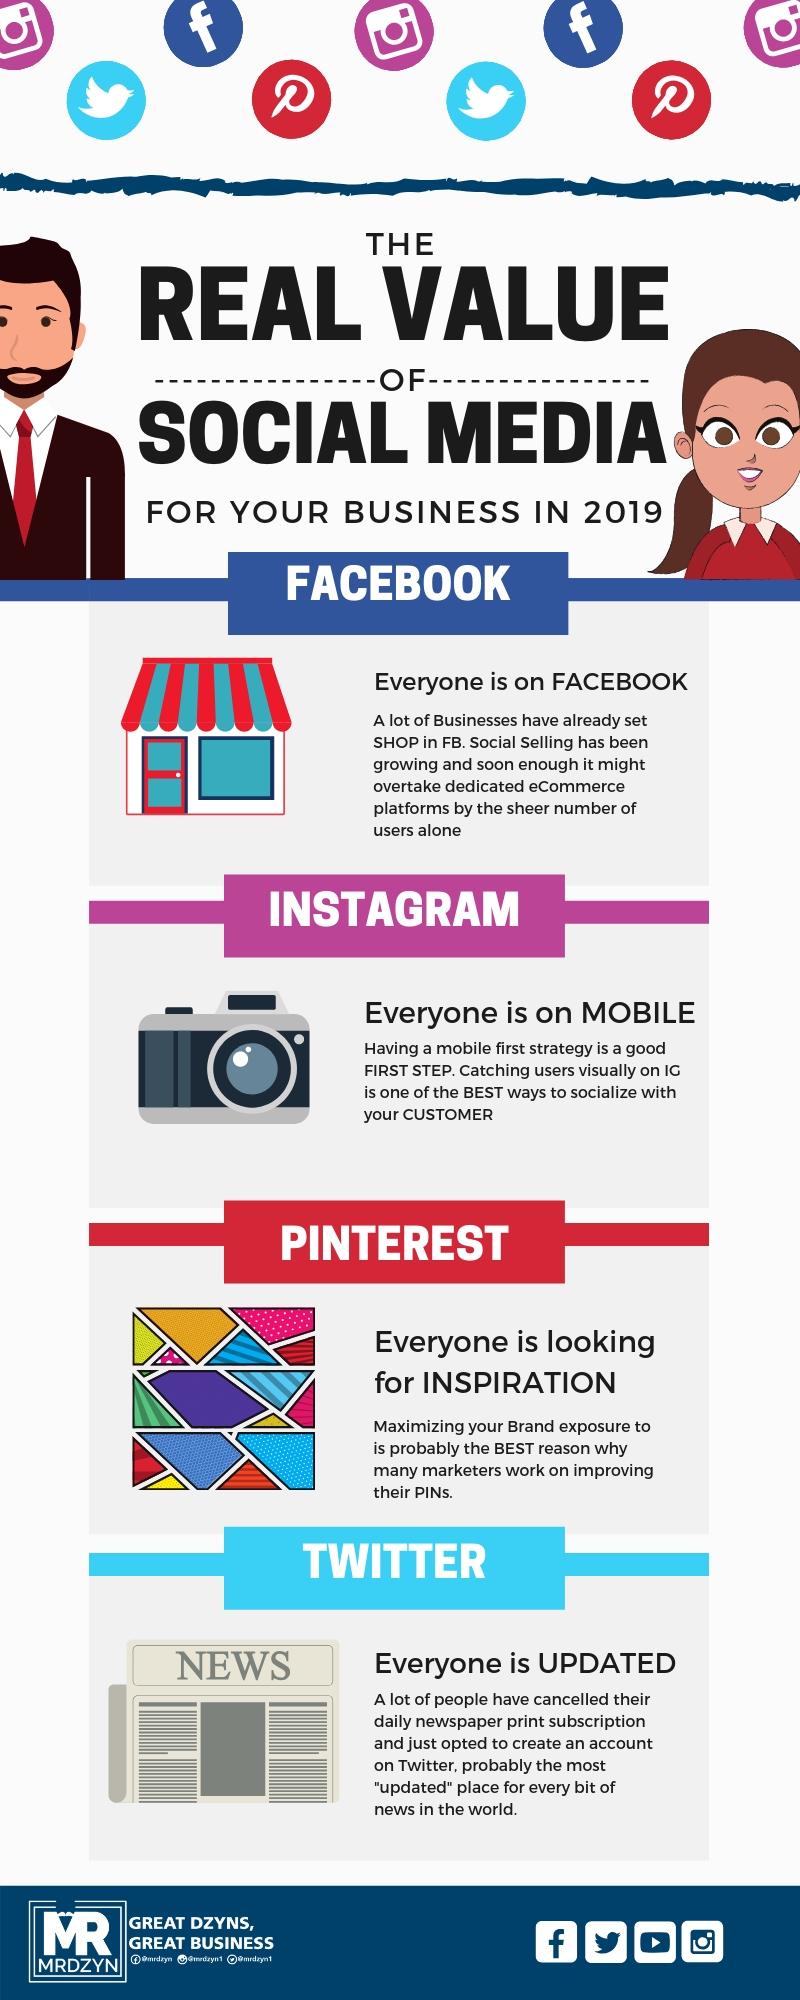 real value of social media by mrdzyn studio